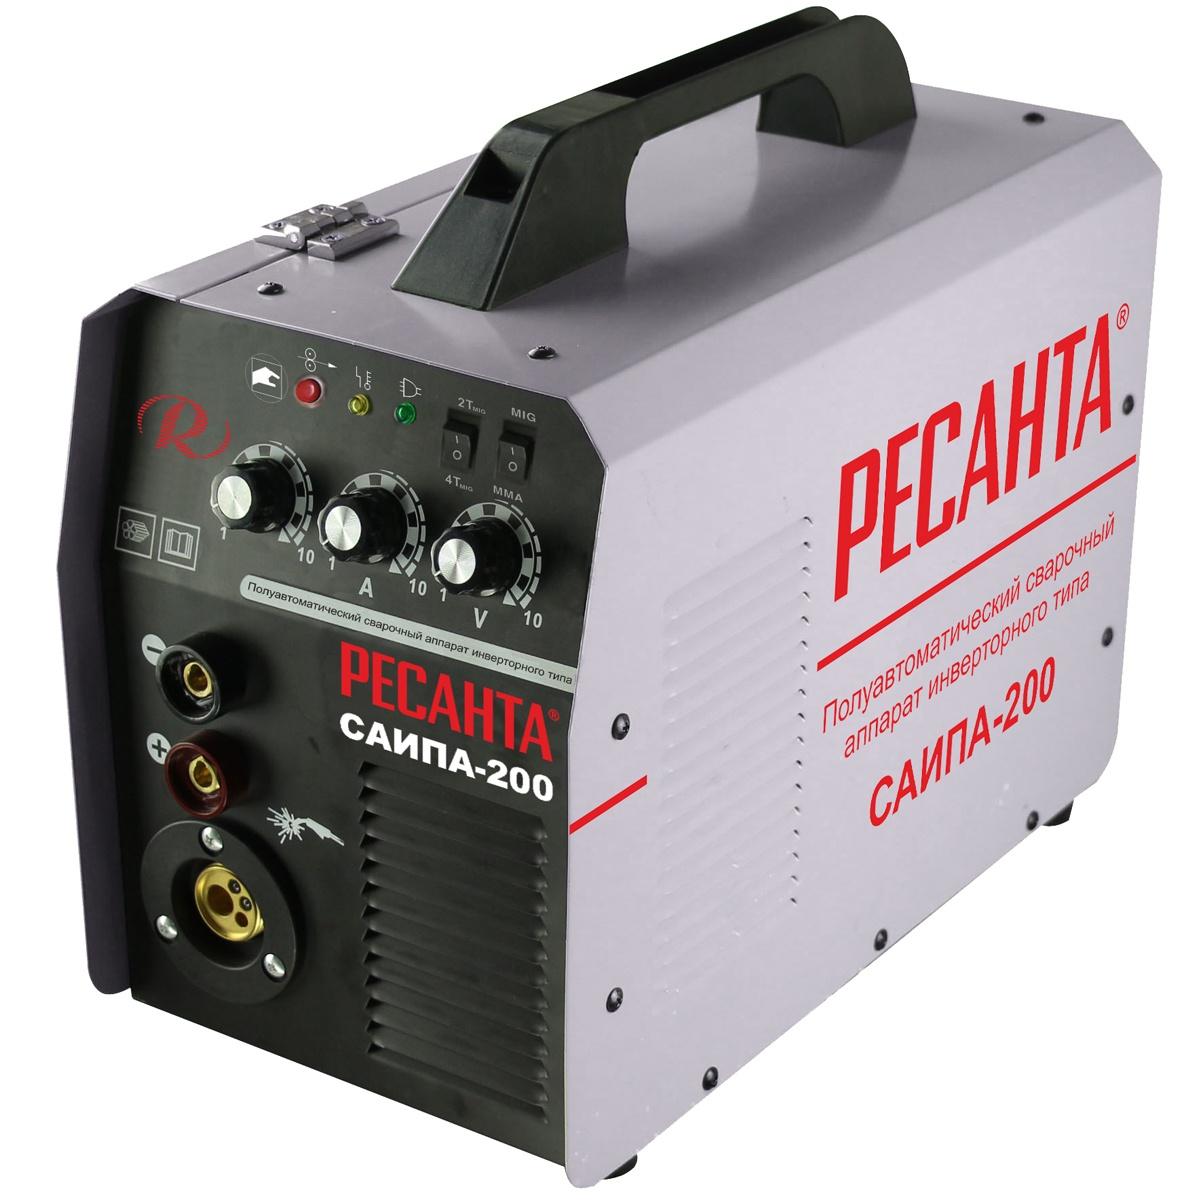 Сварочный аппарат РЕСАНТА САИПА-200 инверторный сварочный аппарат maxcut mc 200